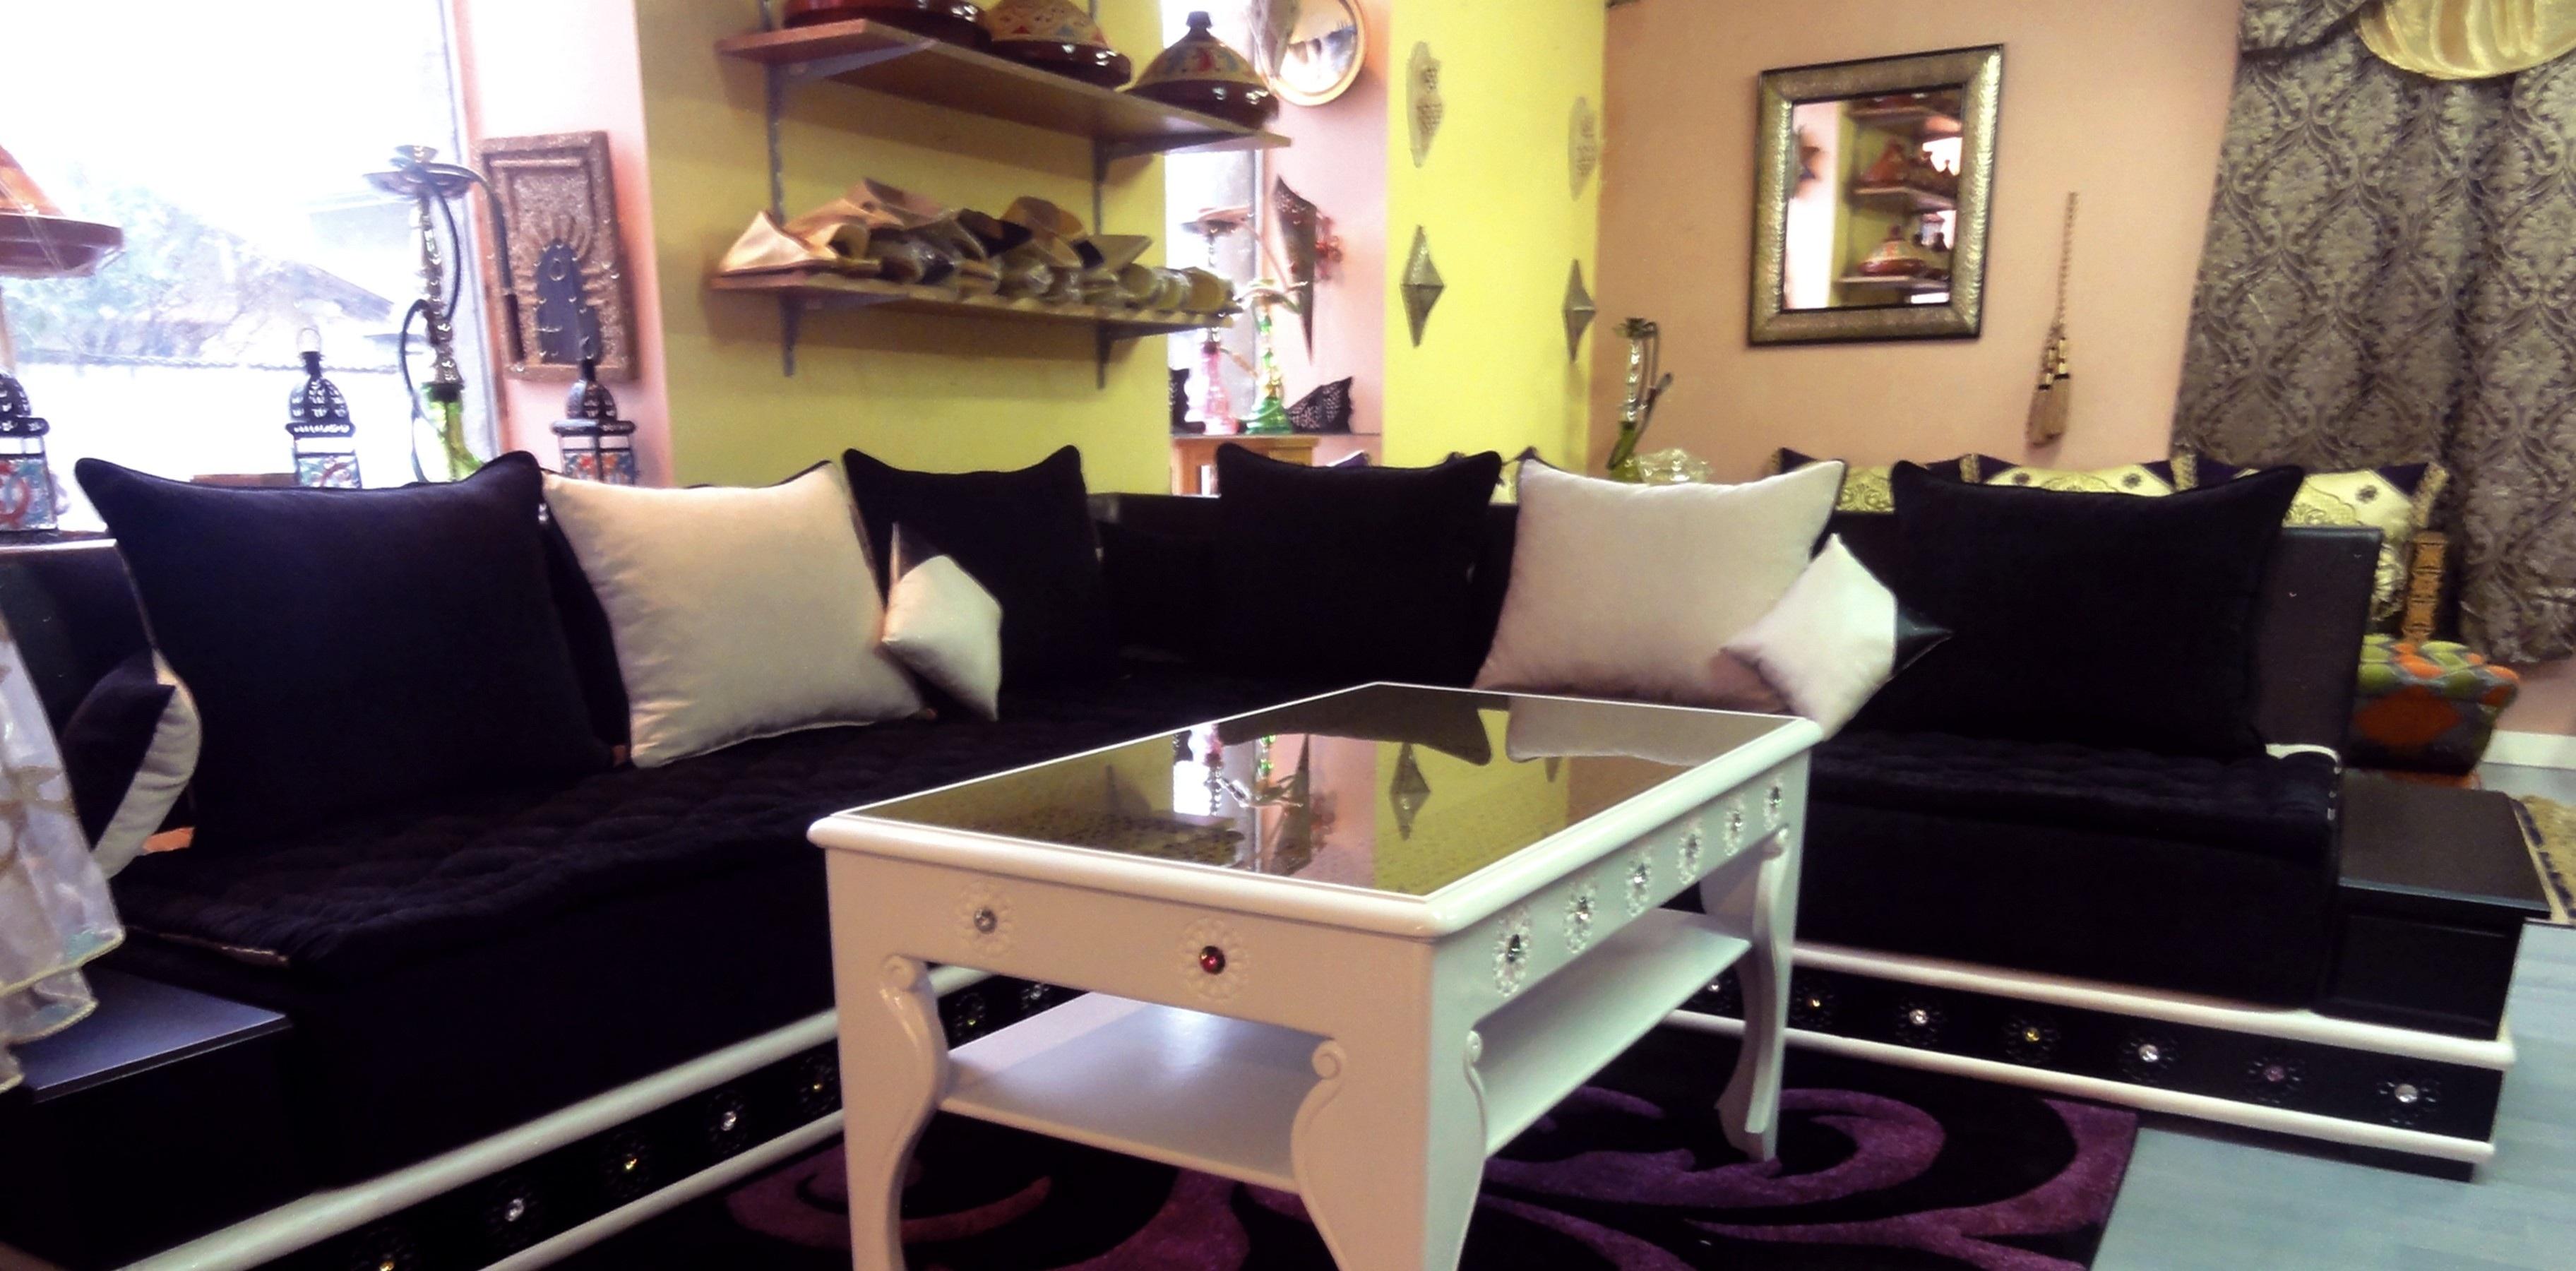 canapé salon en violet